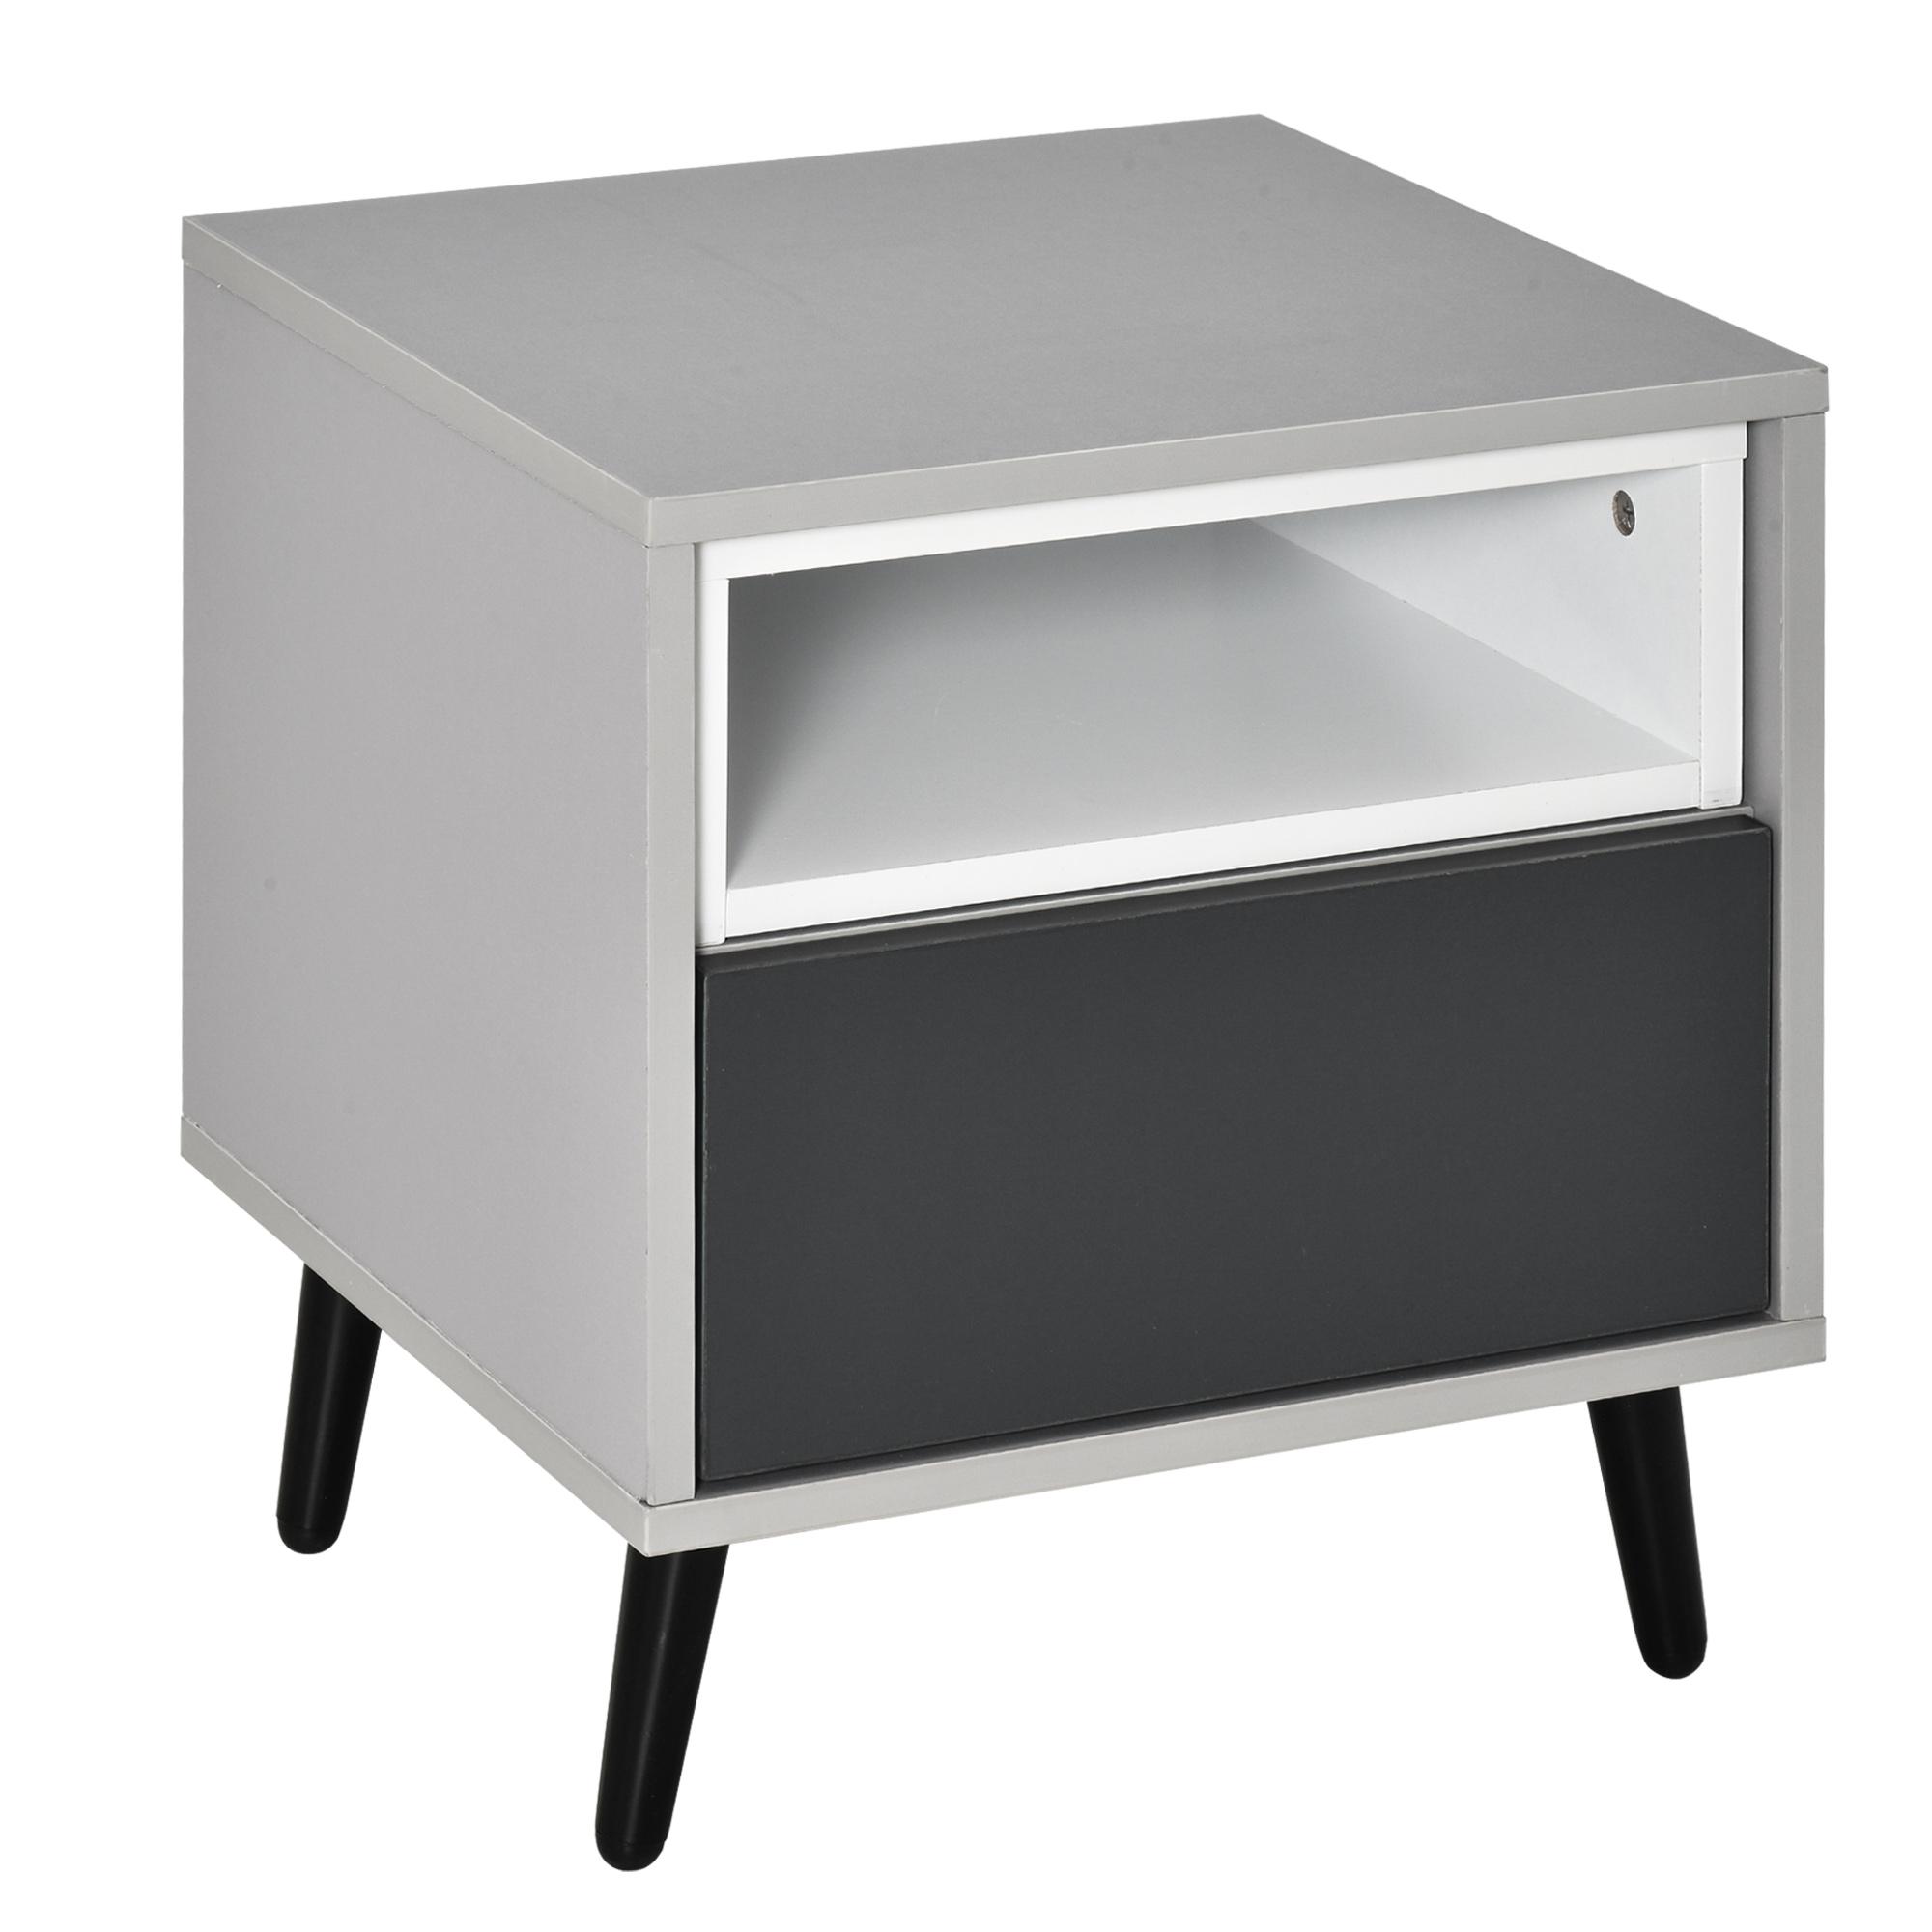 Chevet table de nuit tiroir et niche piètement métal noir gris blanc